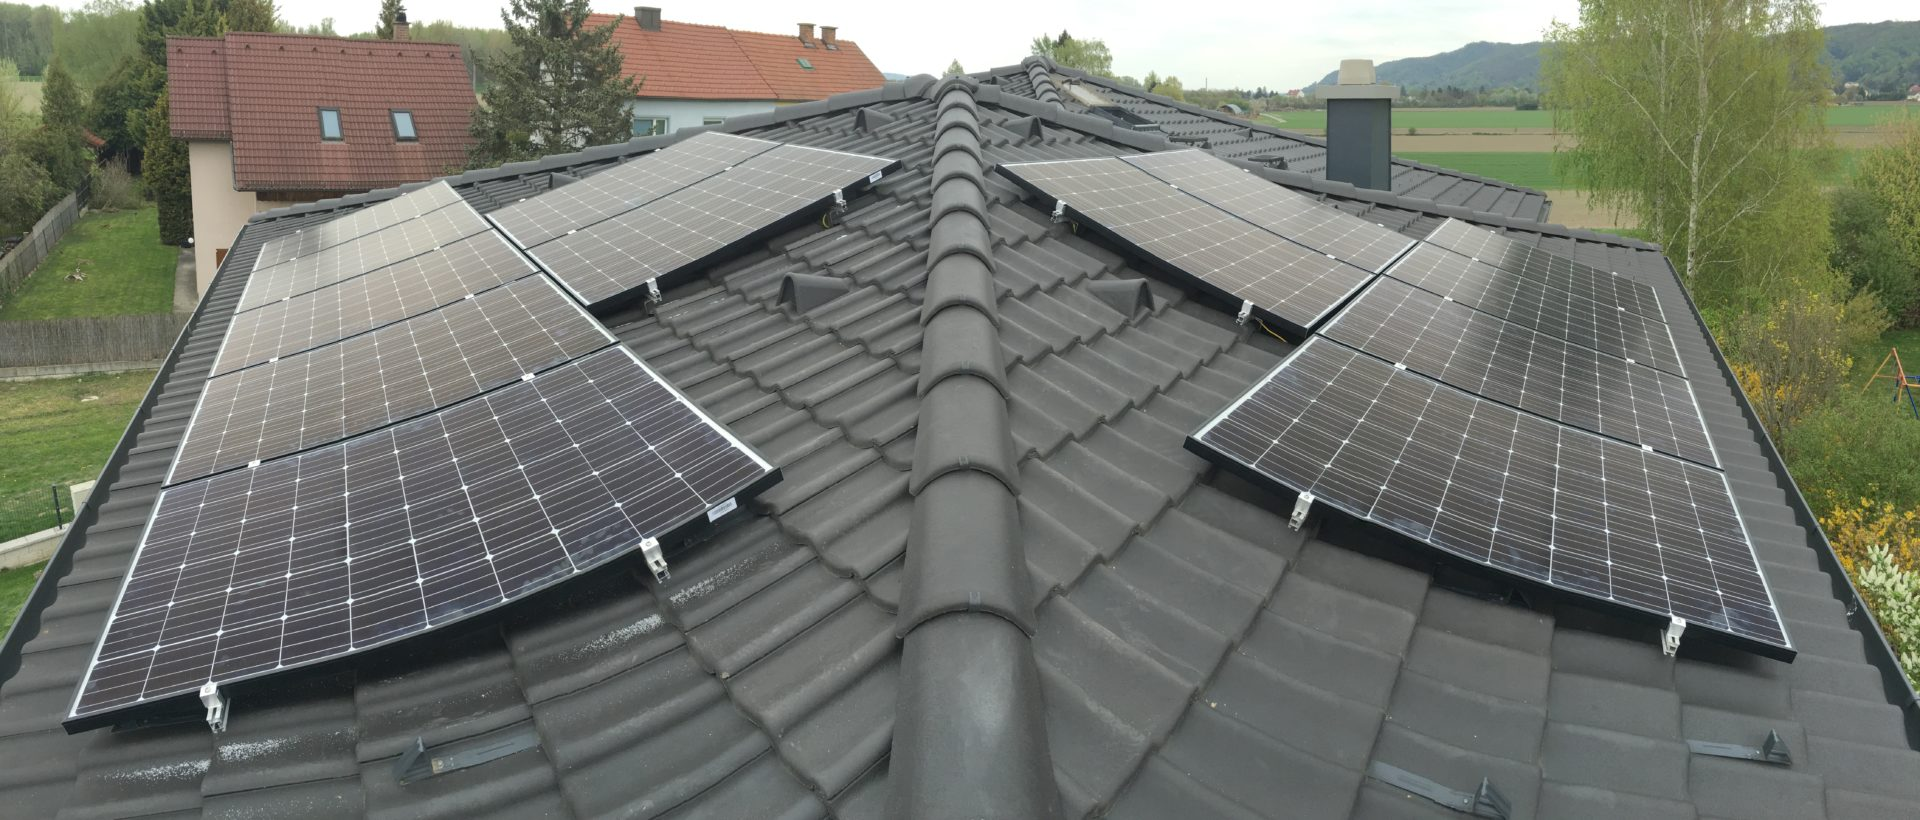 referenz photovoltaikanlage klosterneuburg ost west 2